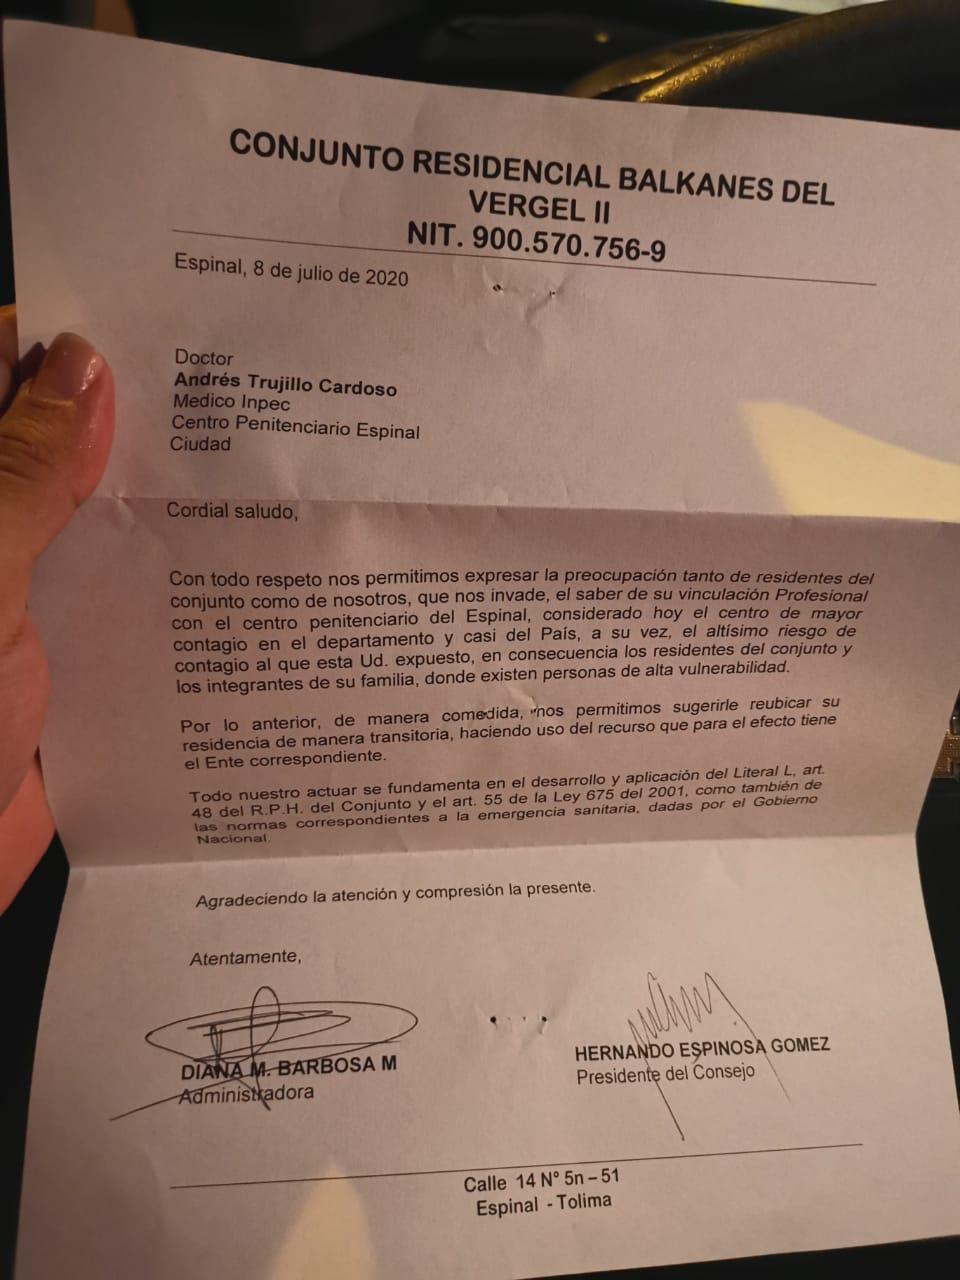 La carta que le pide a un médico irse de su casa en el Espinal 2